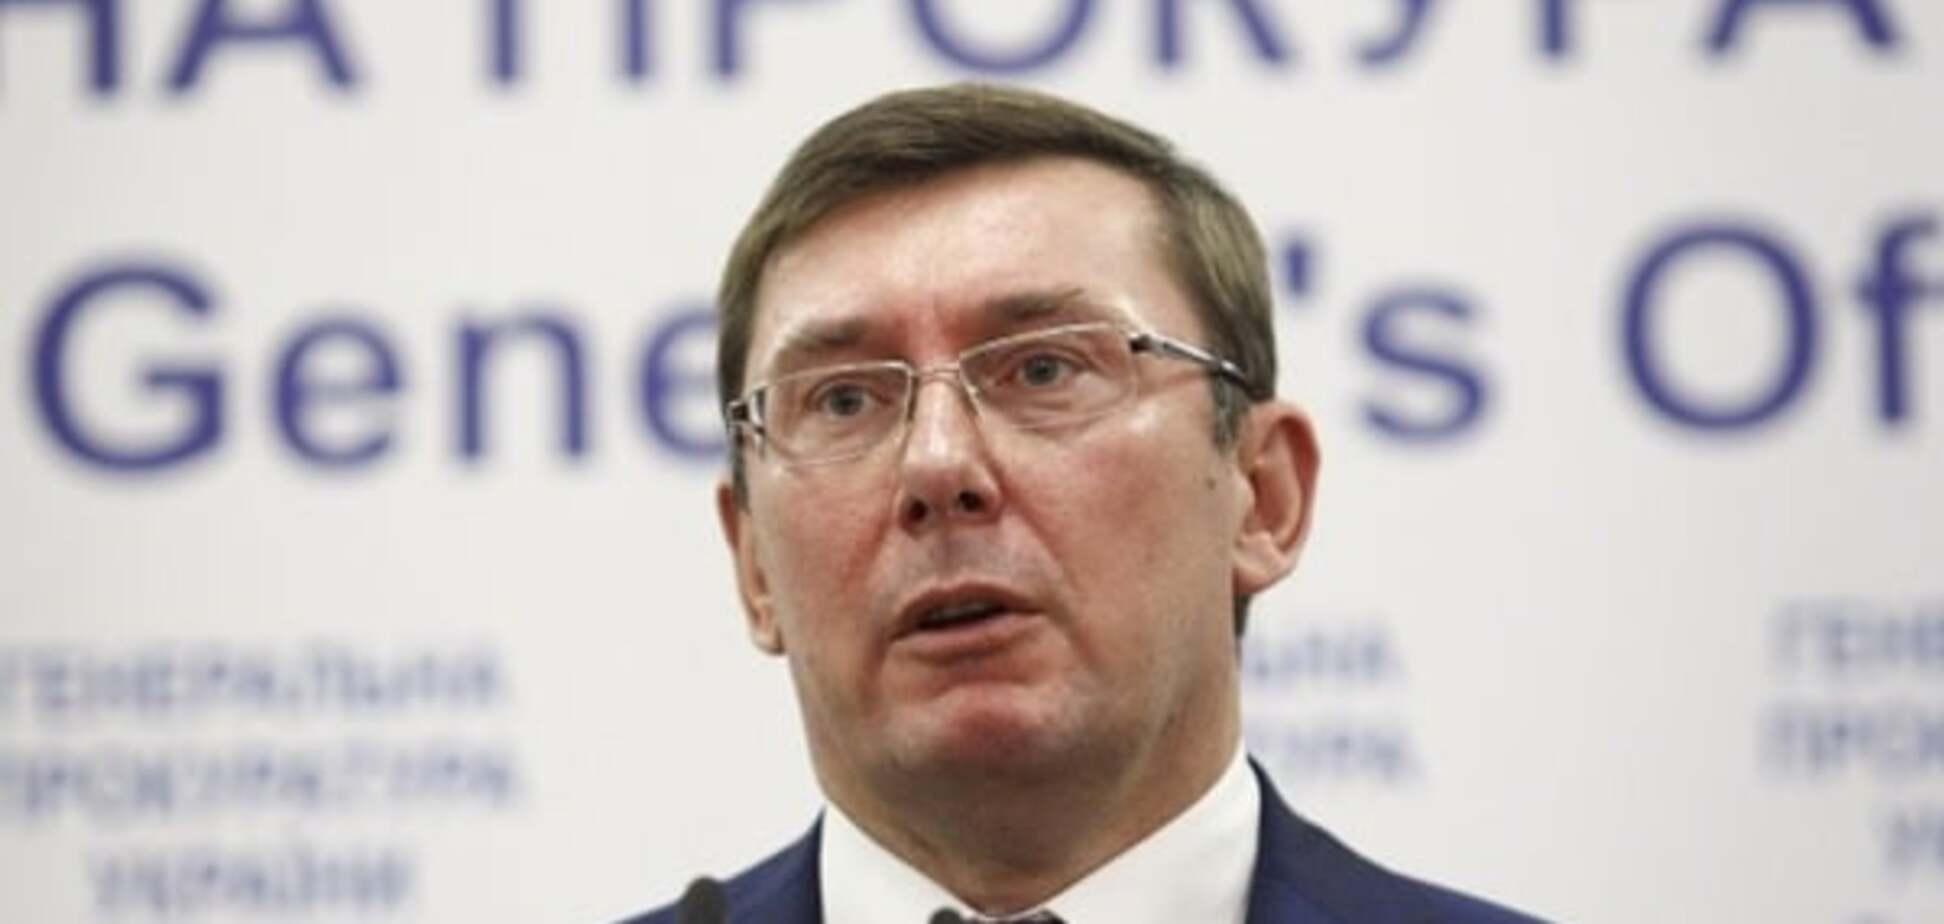 Maybach отобрали: Луценко рассказал об аресте имущества Гречковского